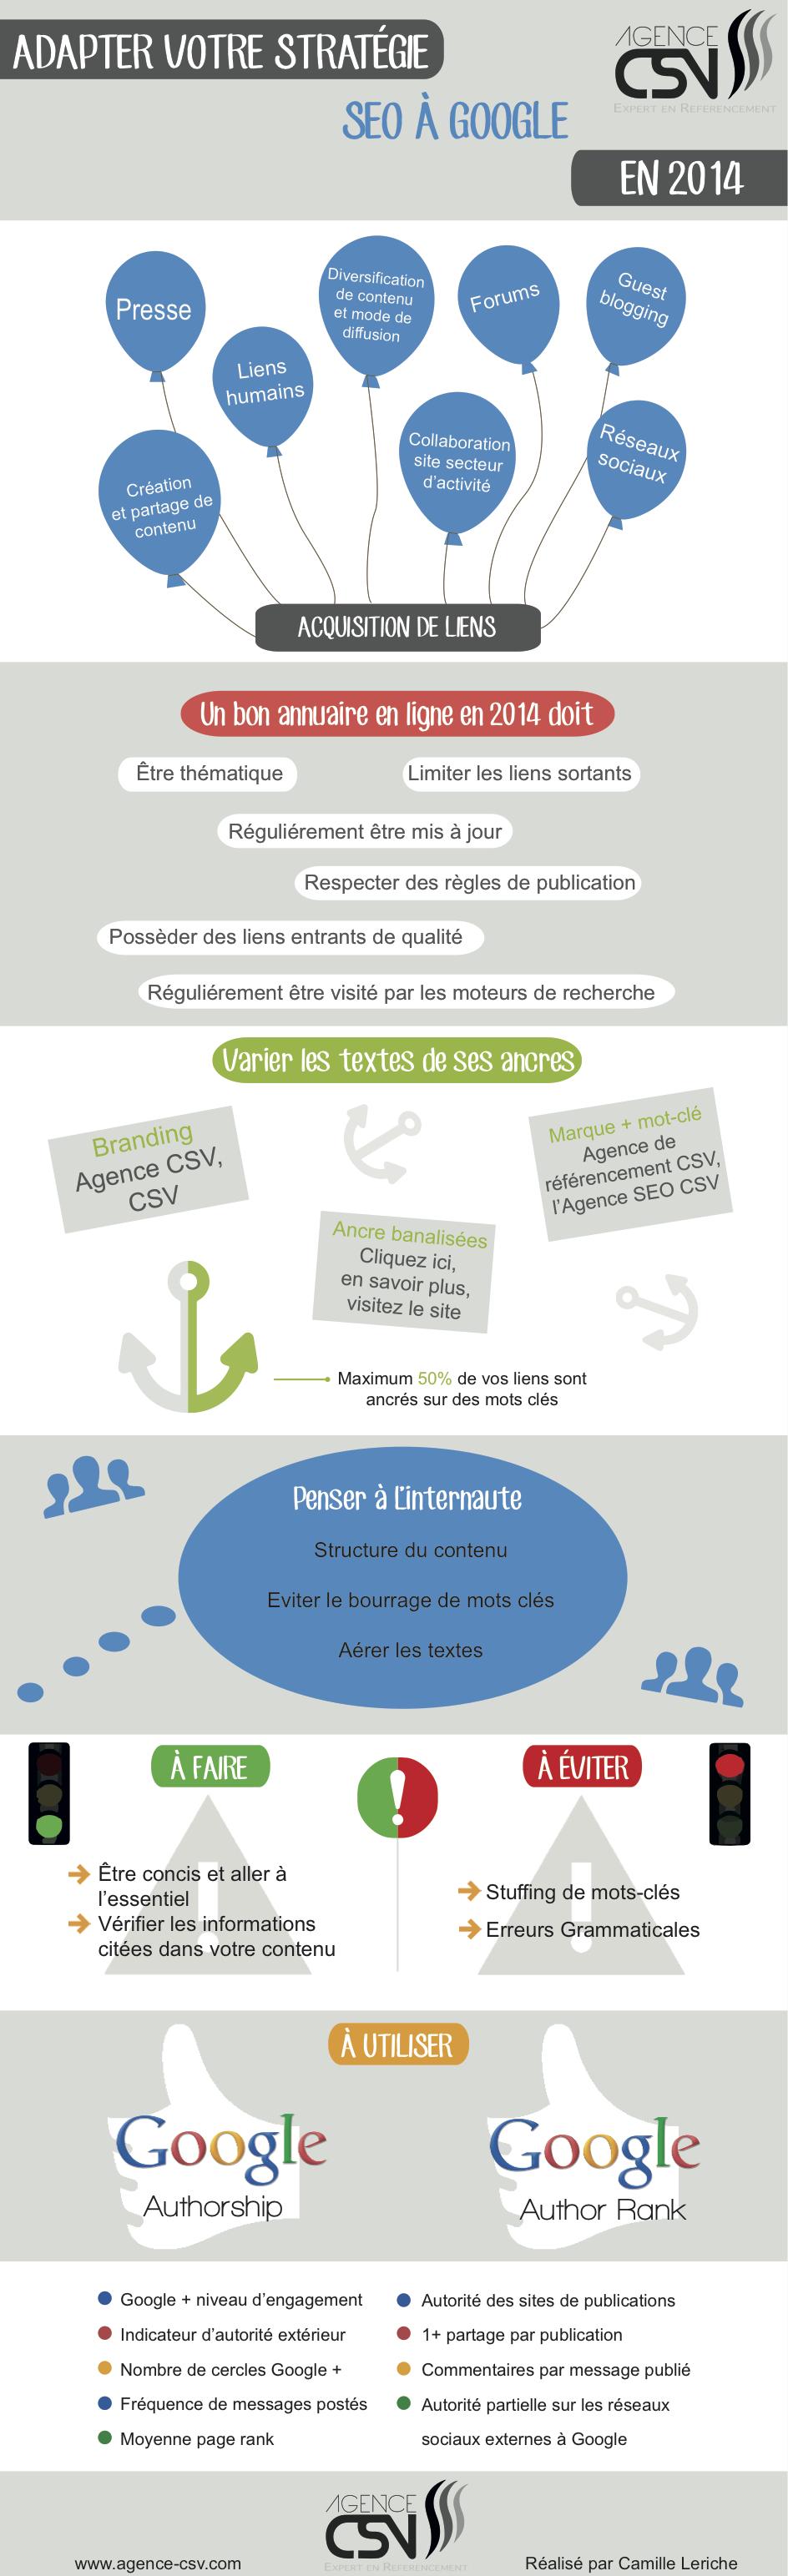 Les différentes stratégies de visibilité en SEO à travers les médias sociaux